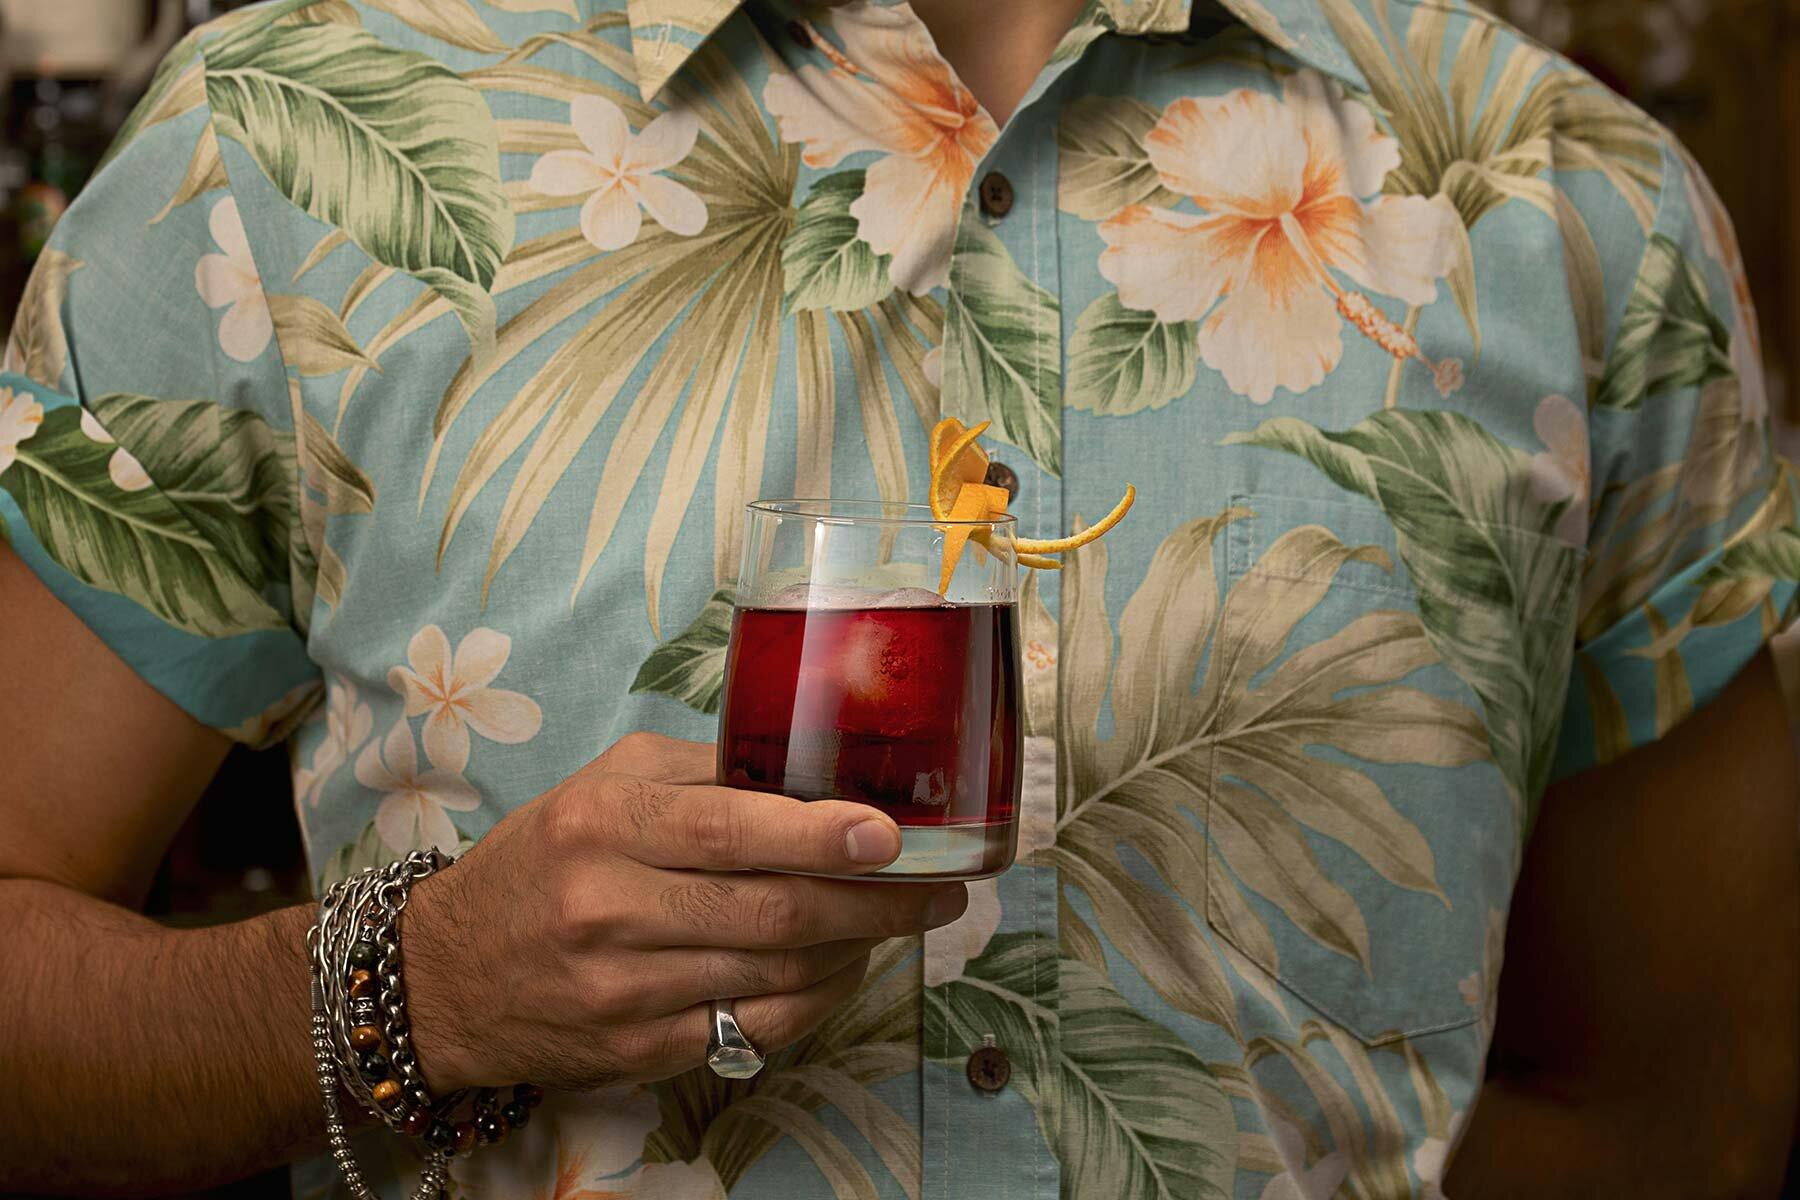 wetrust-gallery_food-beverage1.jpg